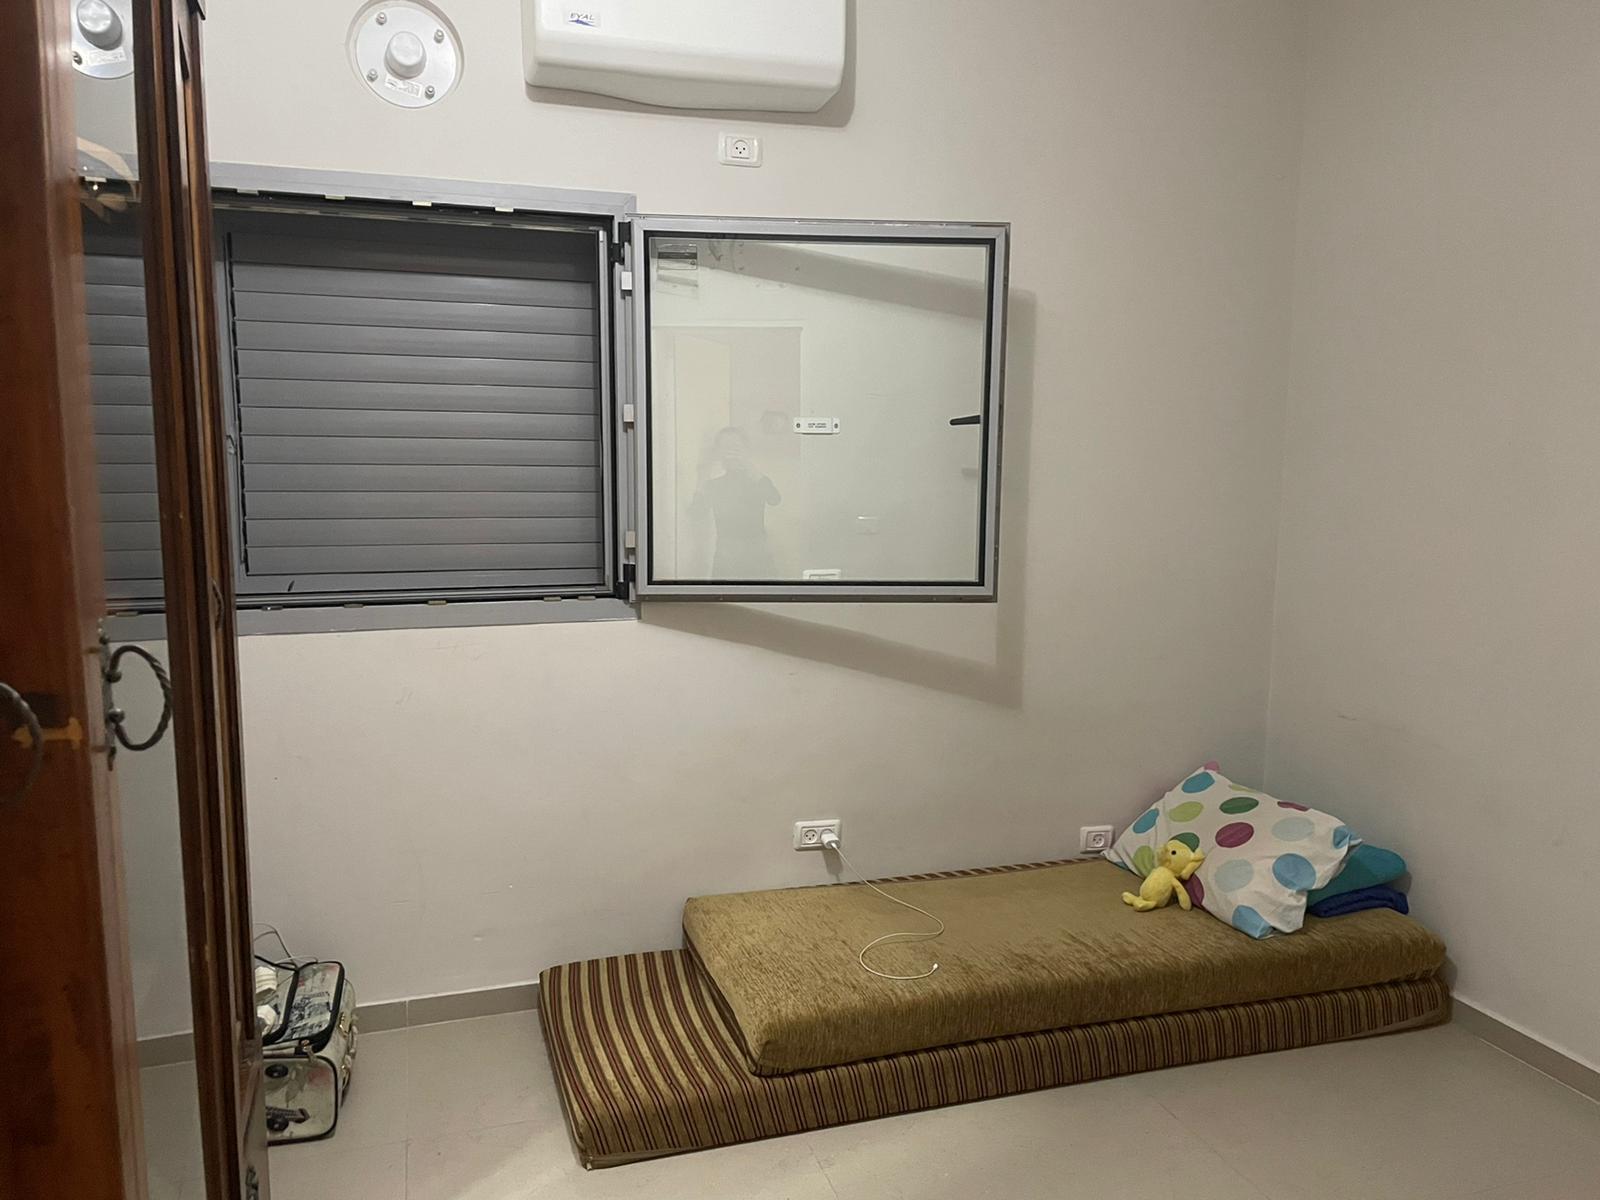 بيت 3 غرف وصالون للبيع في حي العجمي بيافا